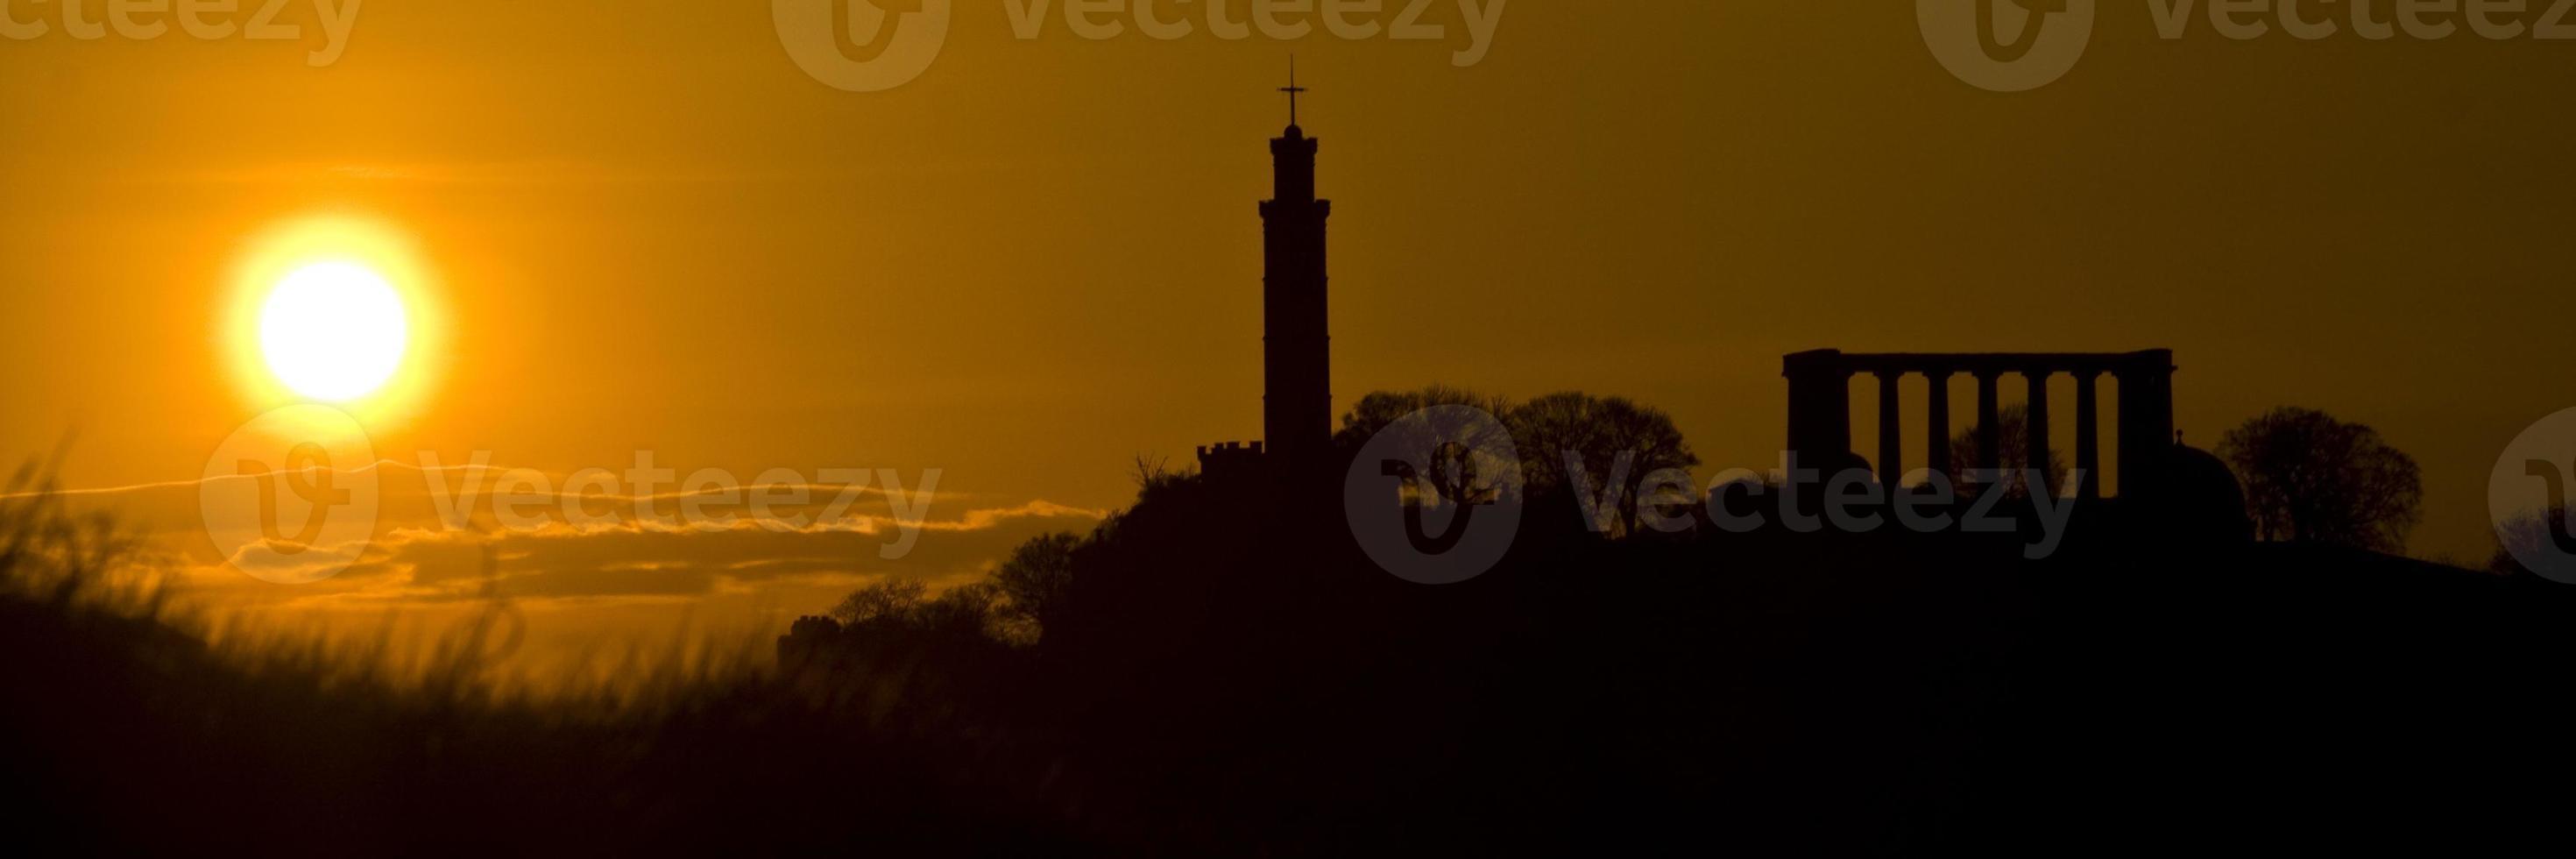 Calton Hill Silhouette, Édimbourg, Écosse photo